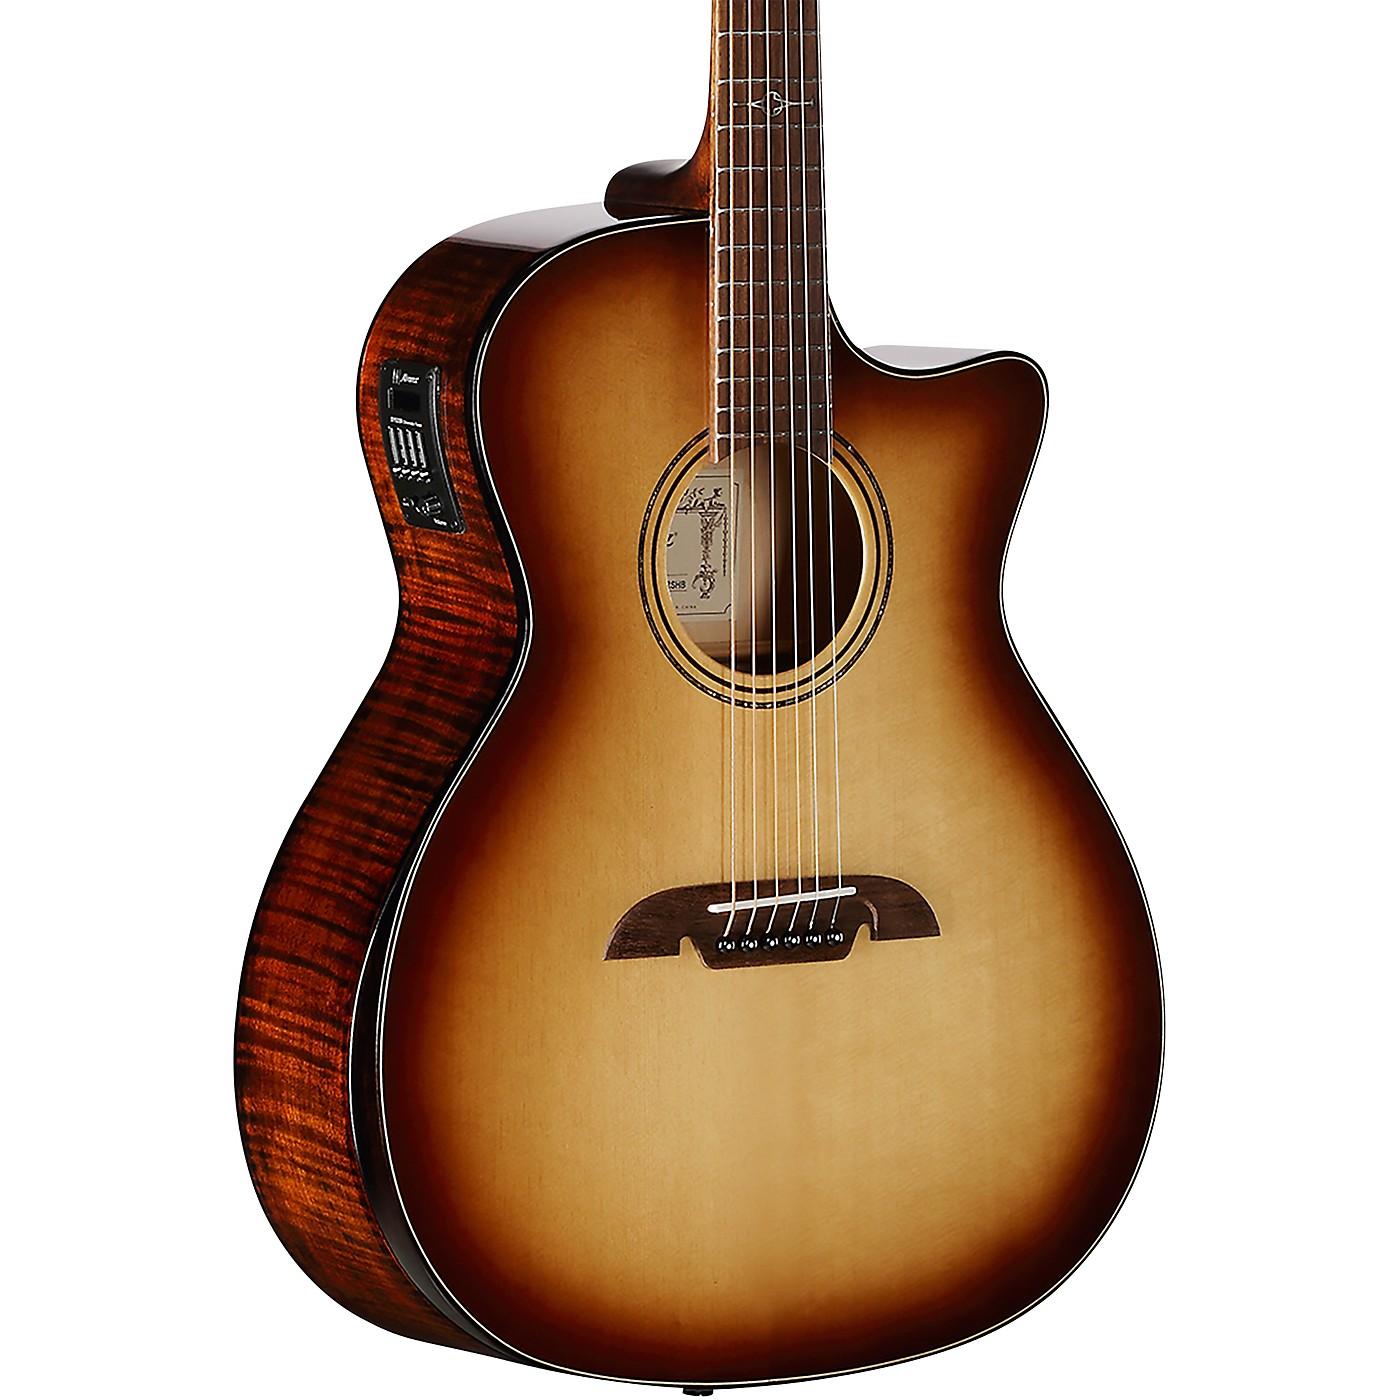 Alvarez AGFM810CEAR Artist Elite Shadowburst Grand Auditorium Acoustic-Electric Guitar thumbnail